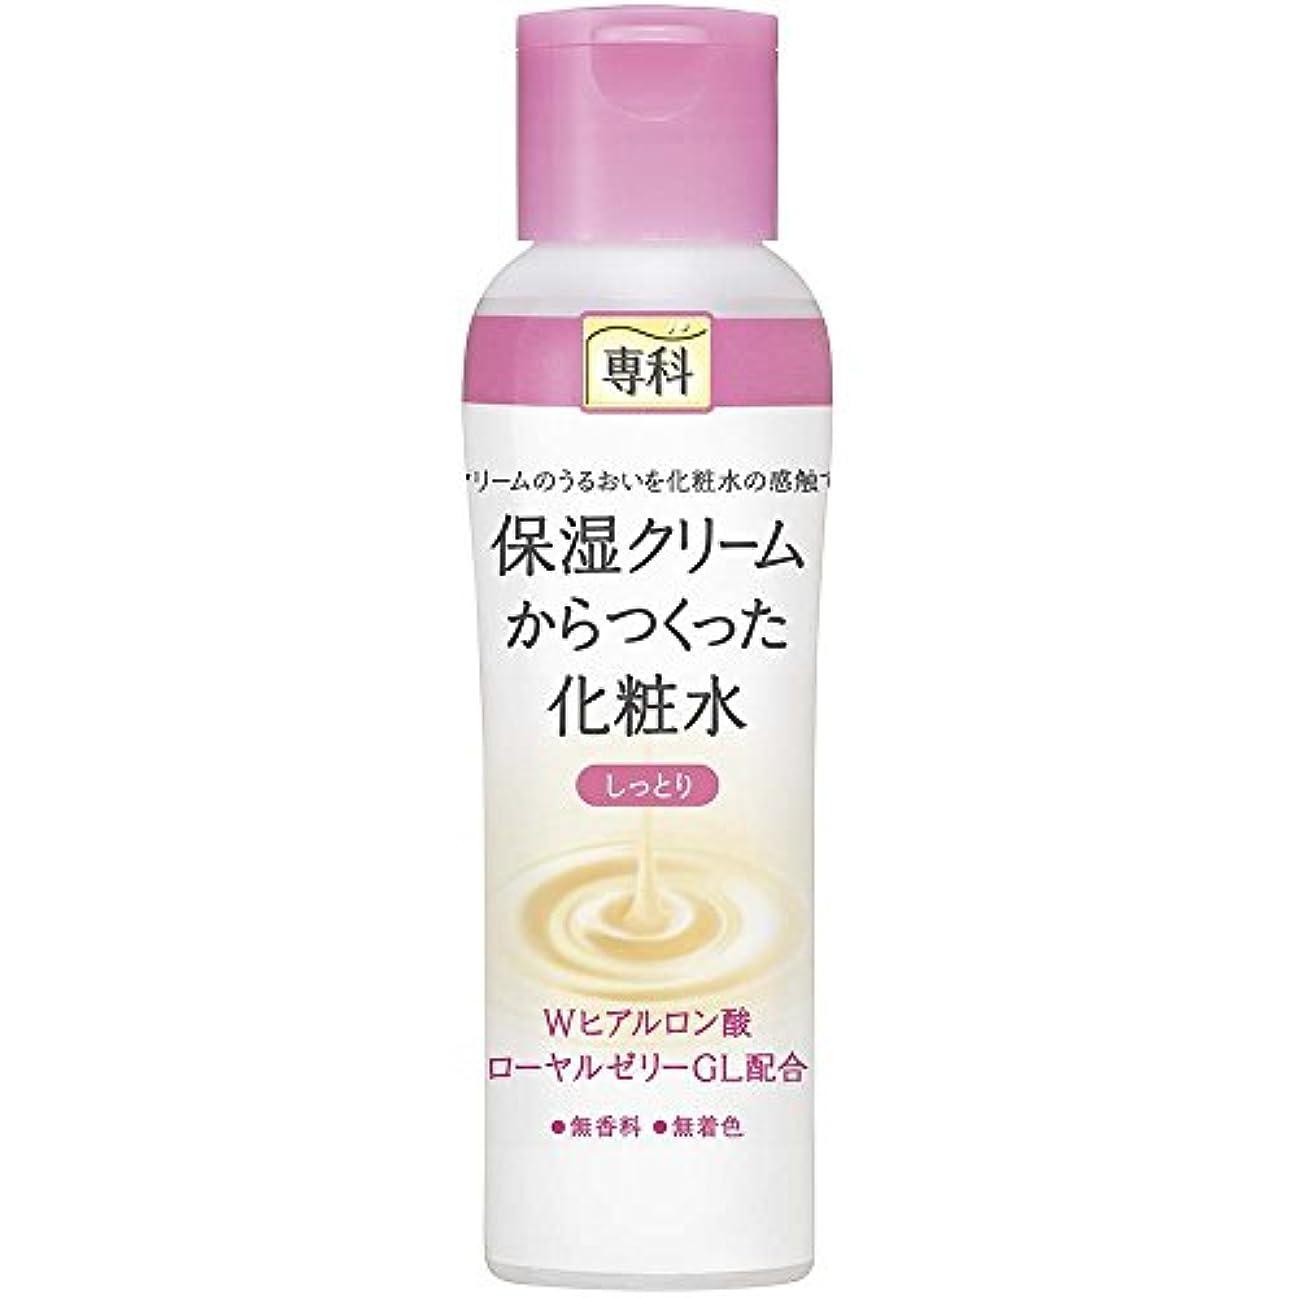 調和のとれた執着聖なる専科 保湿クリームからつくった化粧水(しっとり) 200ml